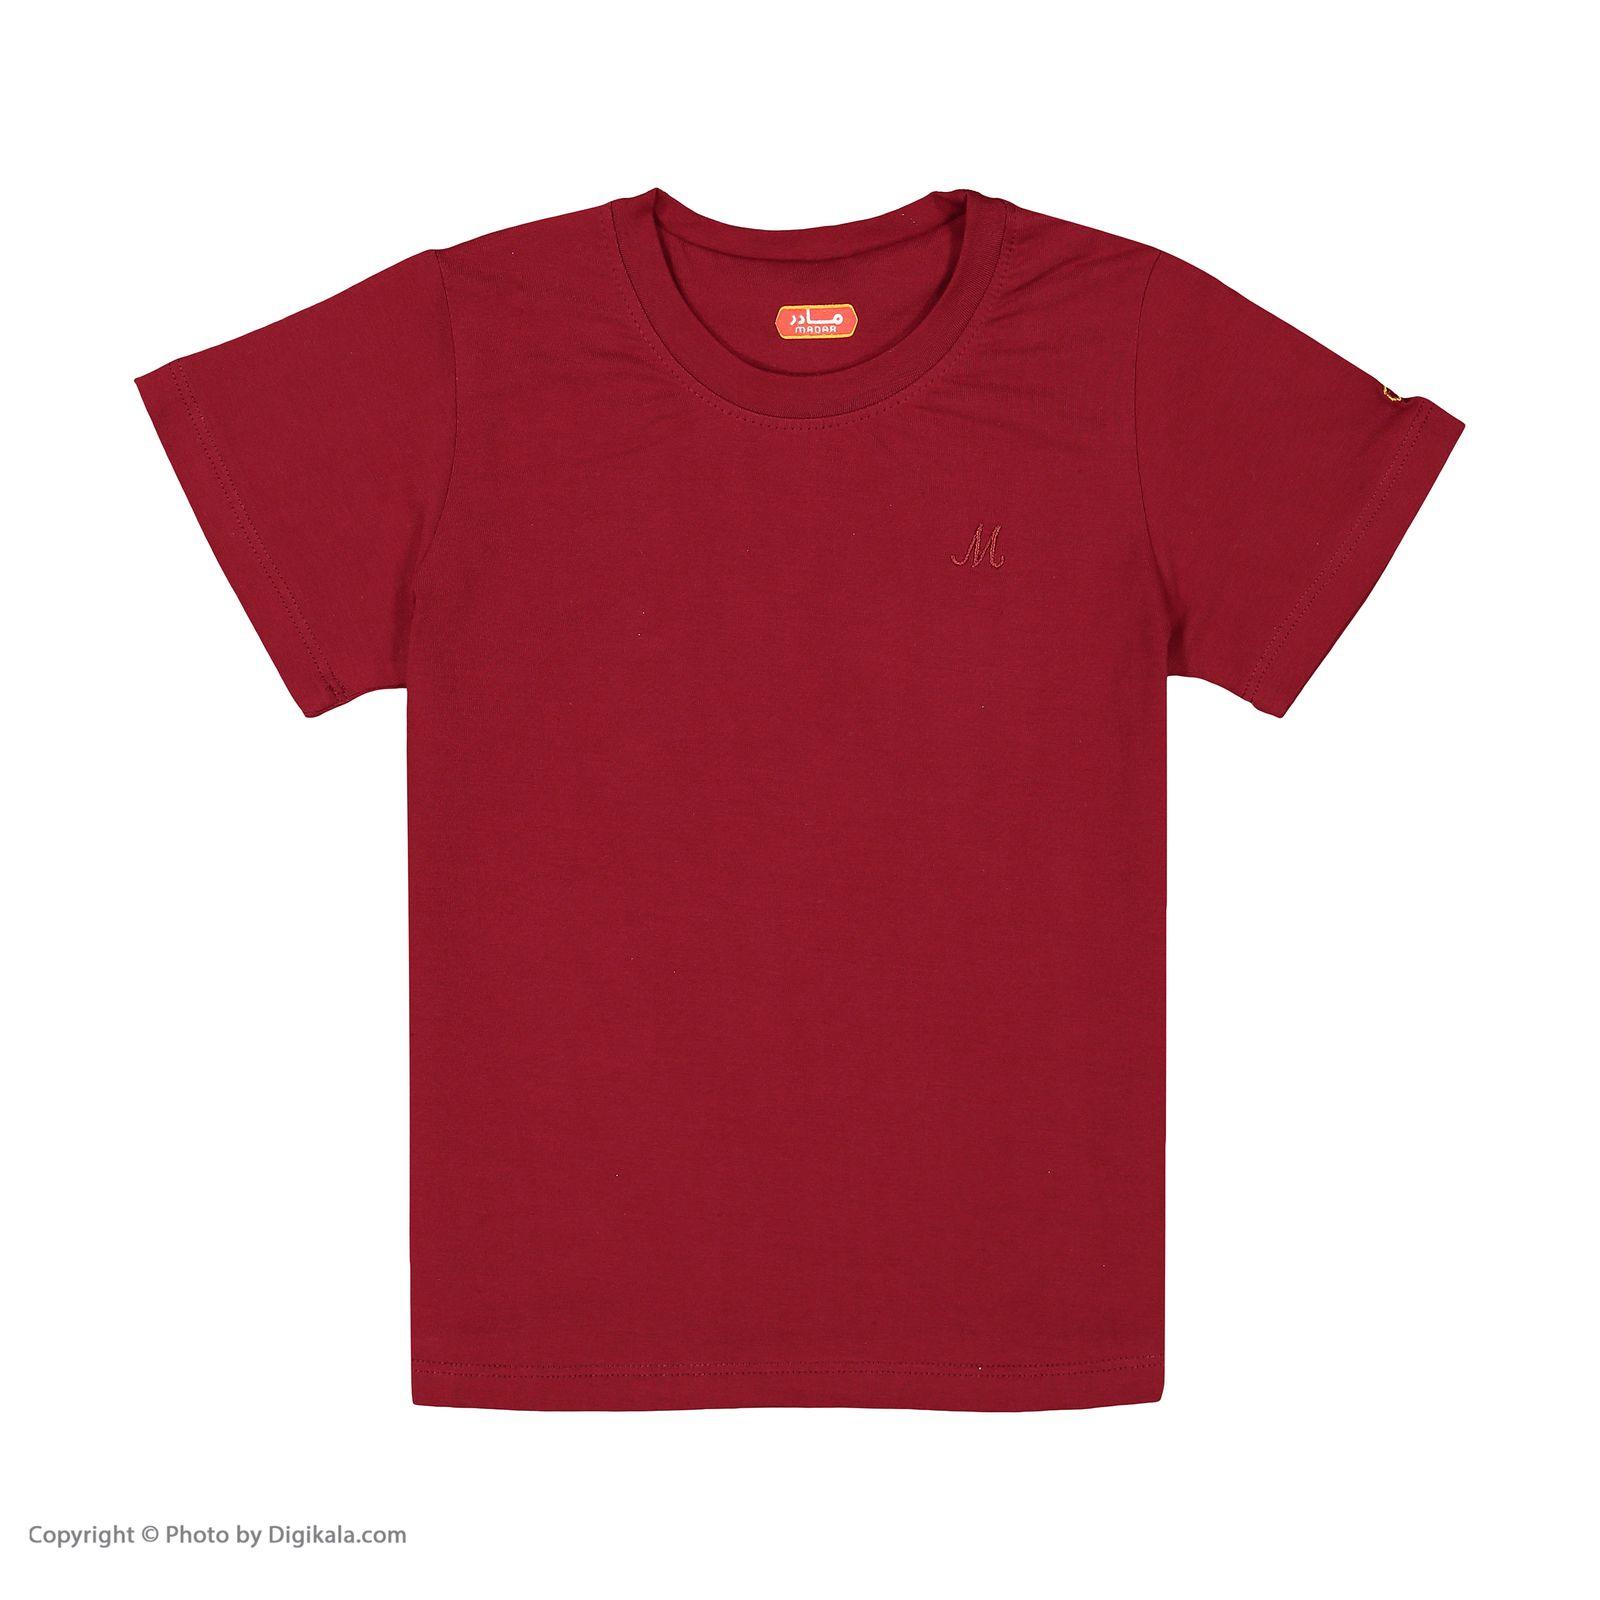 ست تی شرت و شلوارک پسرانه مادر مدل 421-70 -  - 4